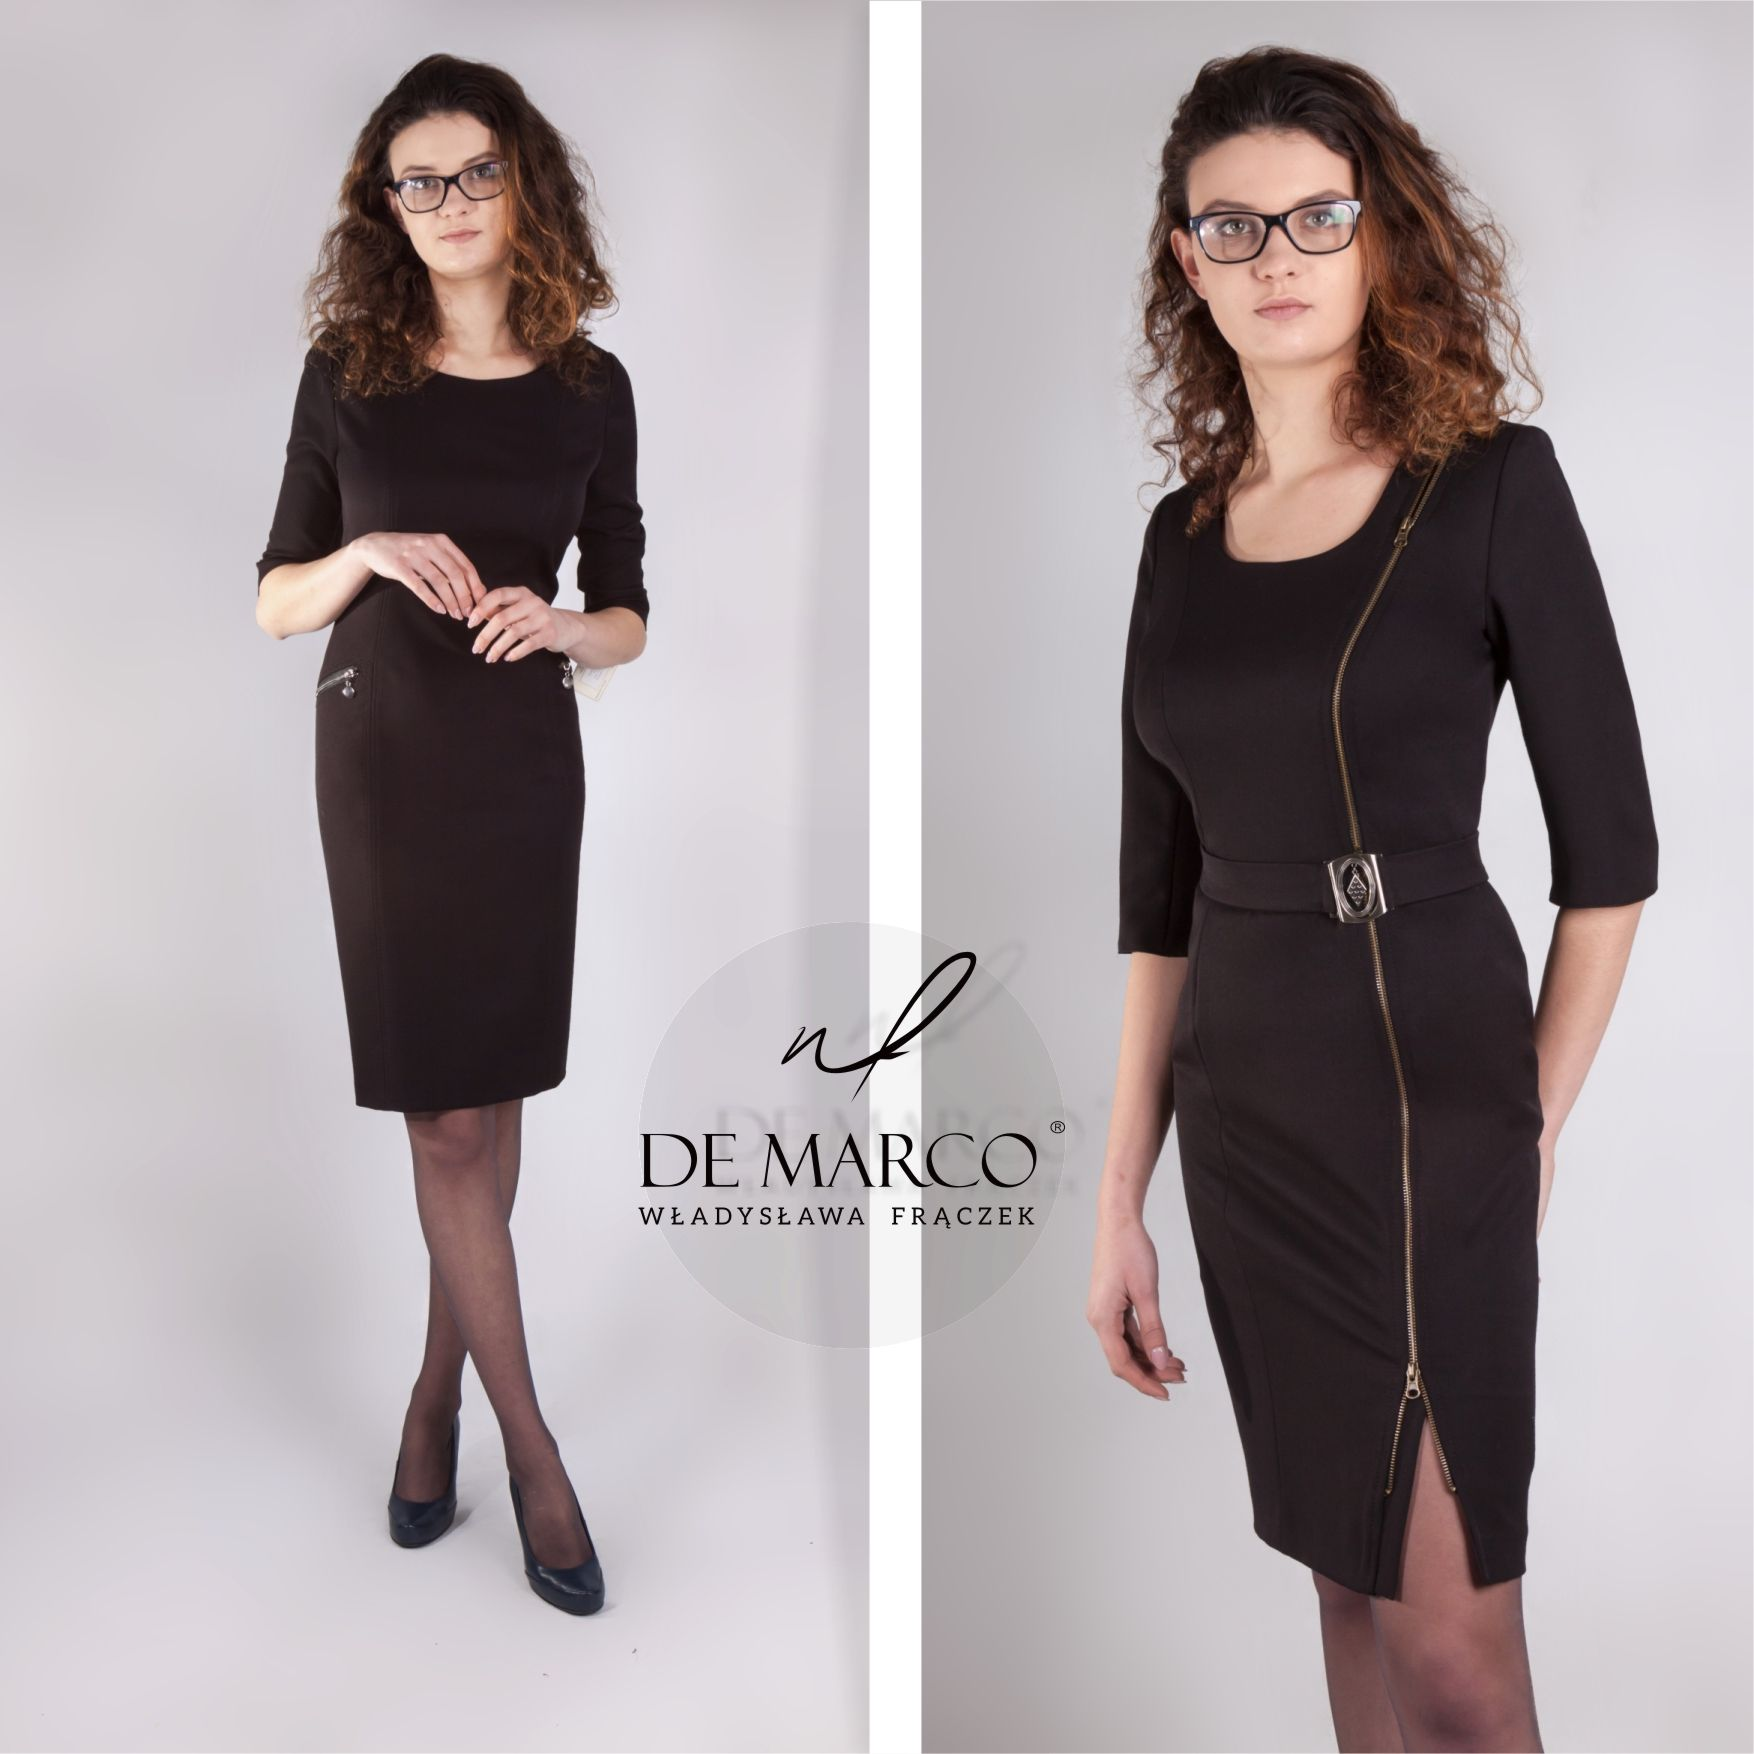 94214bad7aee89 Unikatowa damska odzież wizytowa i biznesowa. #demarco #frydrychowice  #sukienka #wesele #